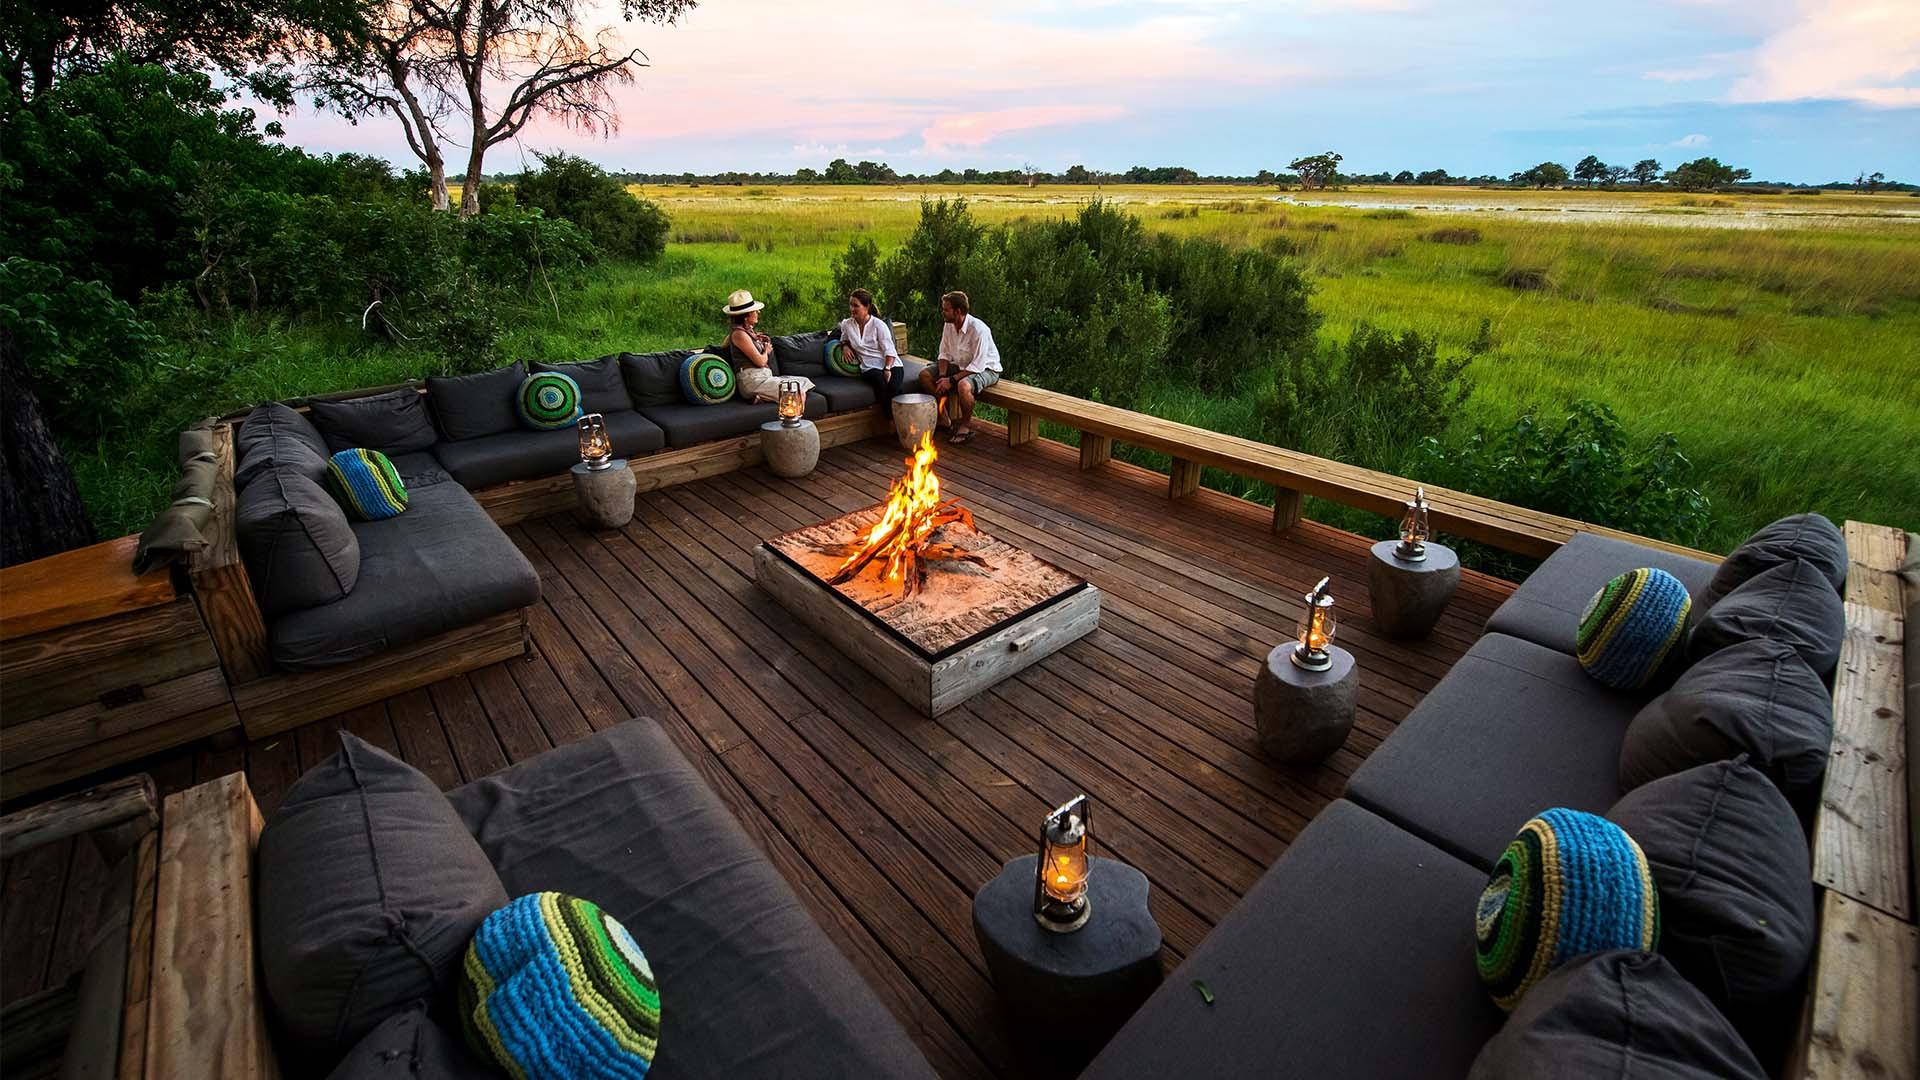 Vumbura Plains Camps, Okavango Delta, Botswana, Africa